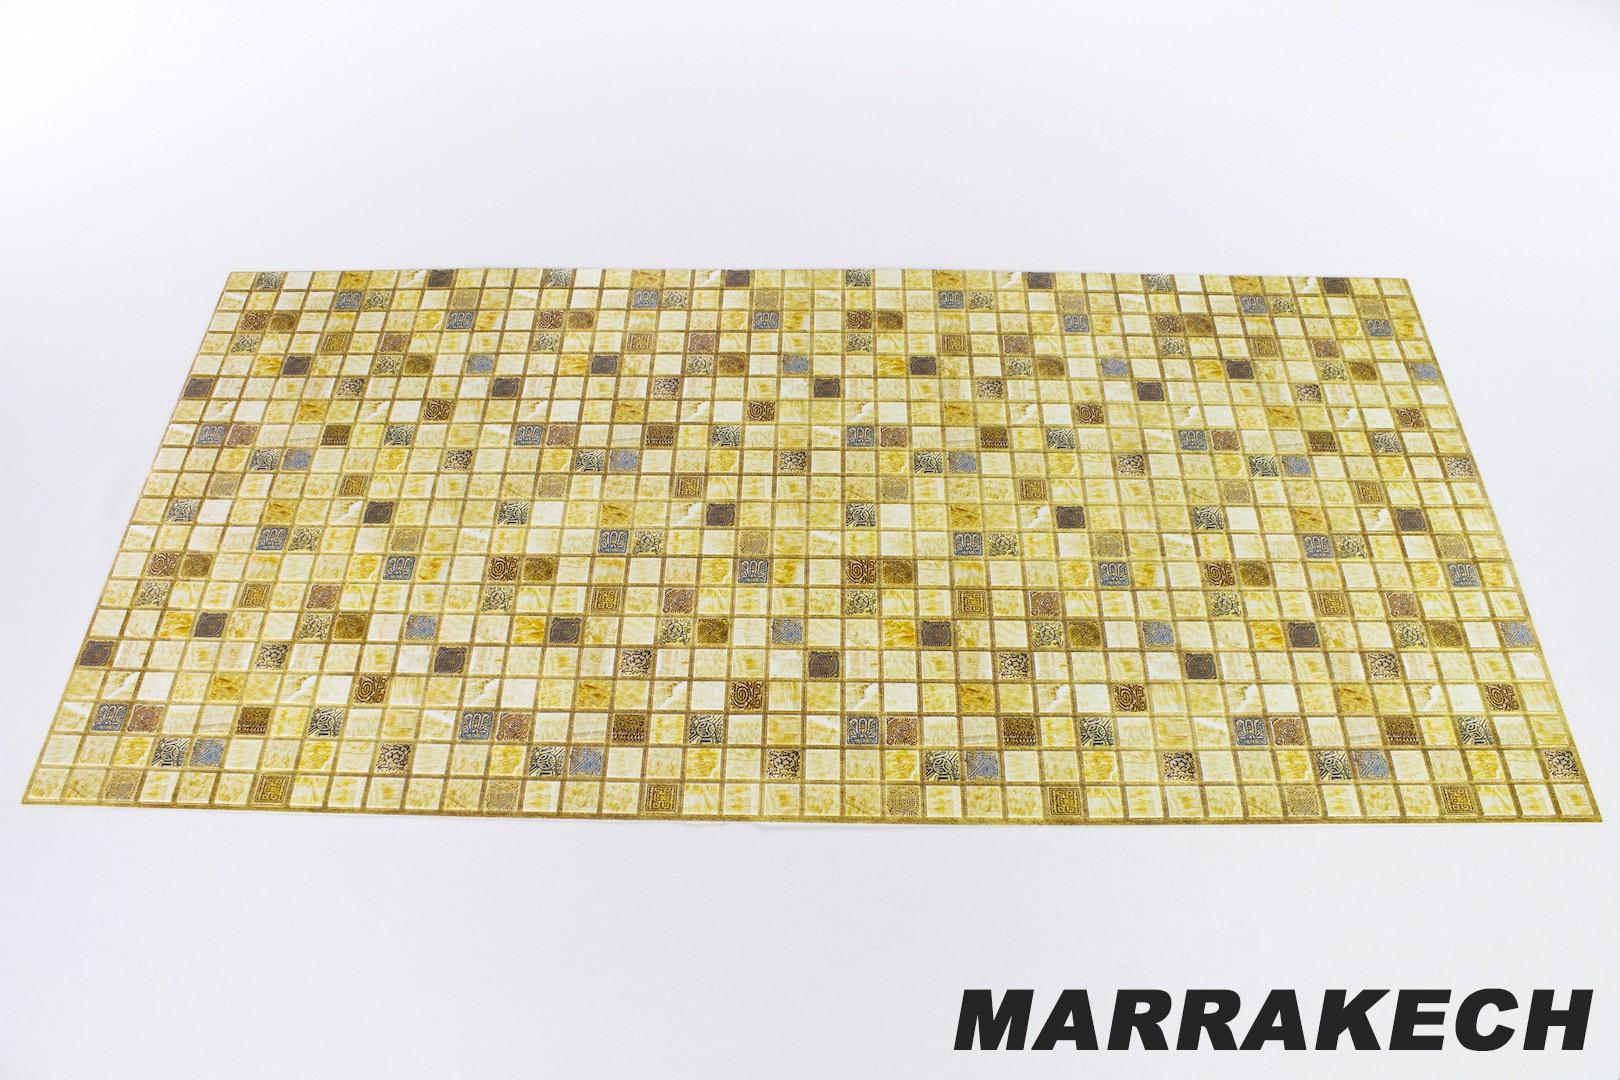 Marrakech originalbild